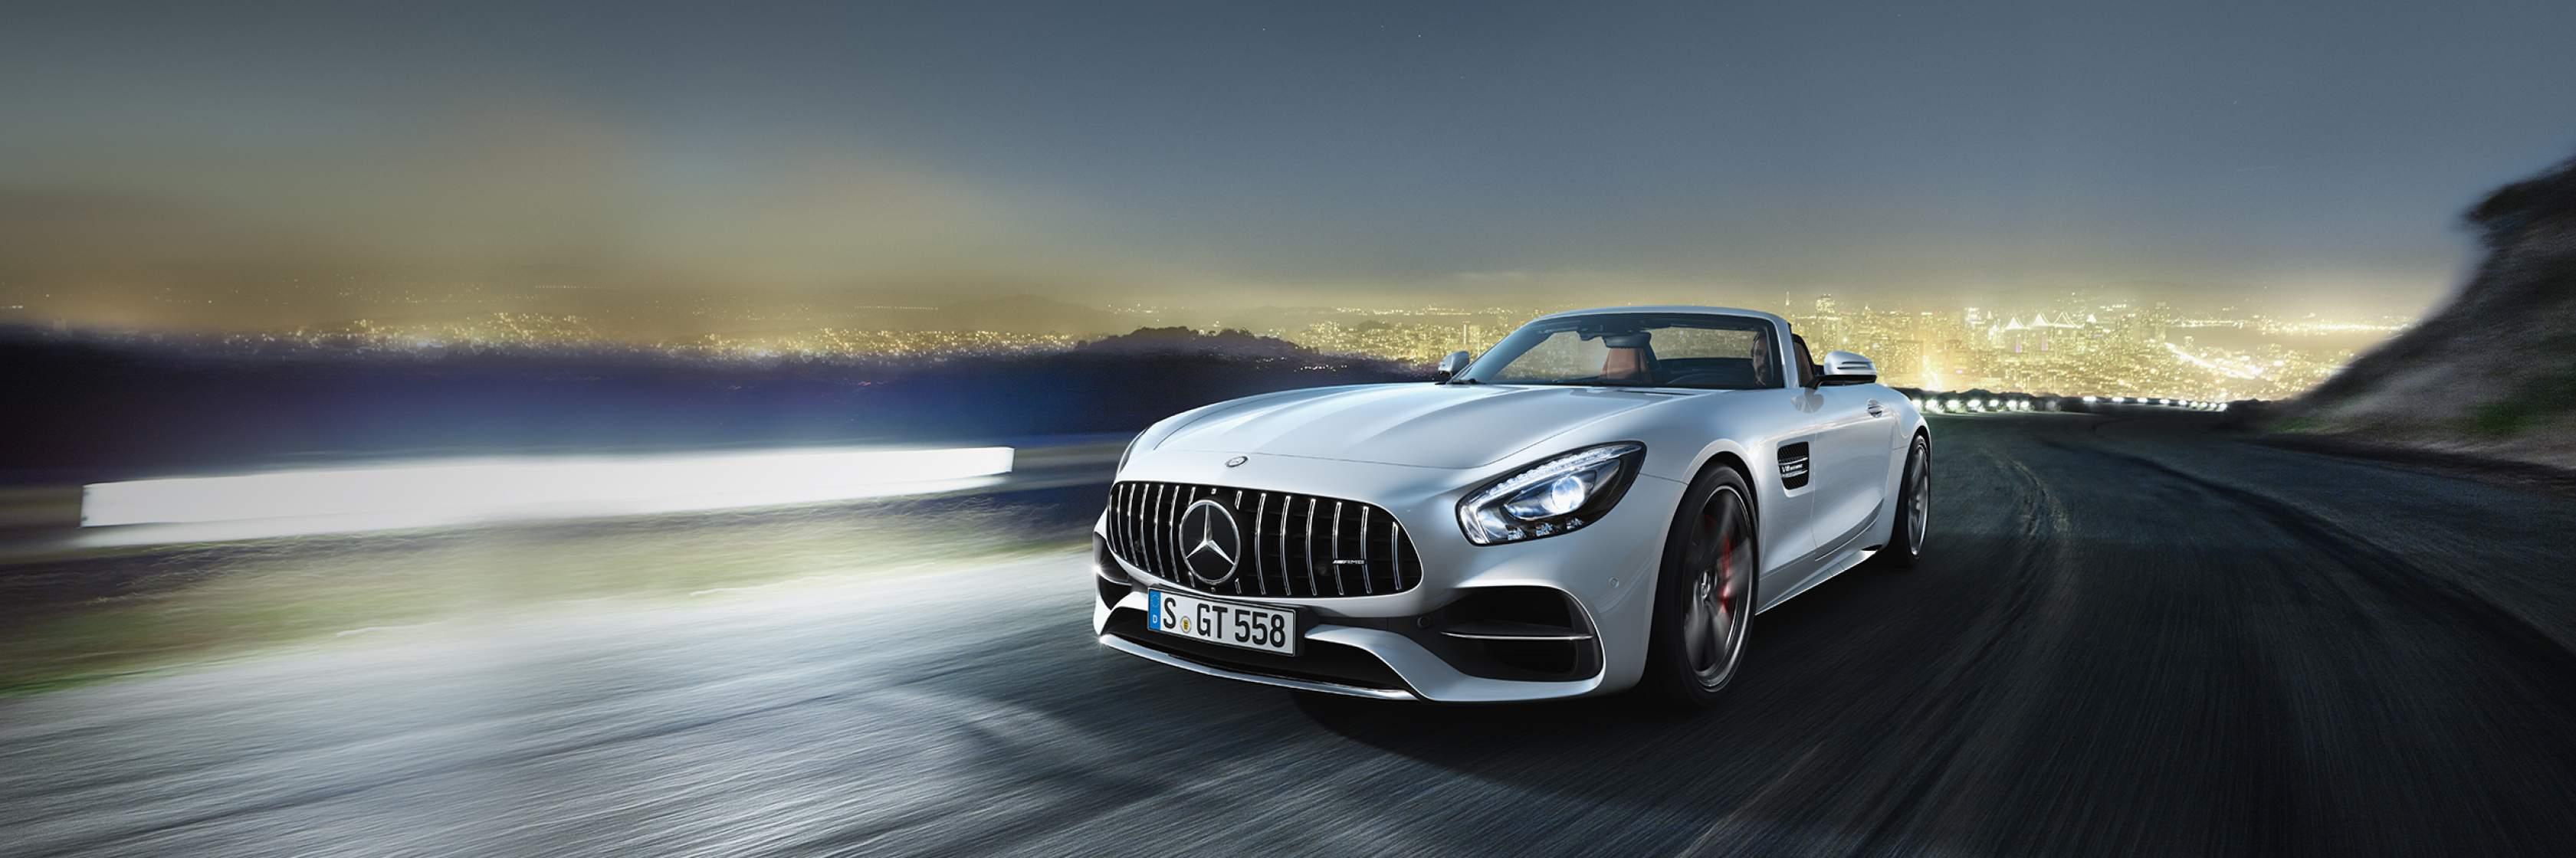 Ціна Mercedes-AMG GT Roadster